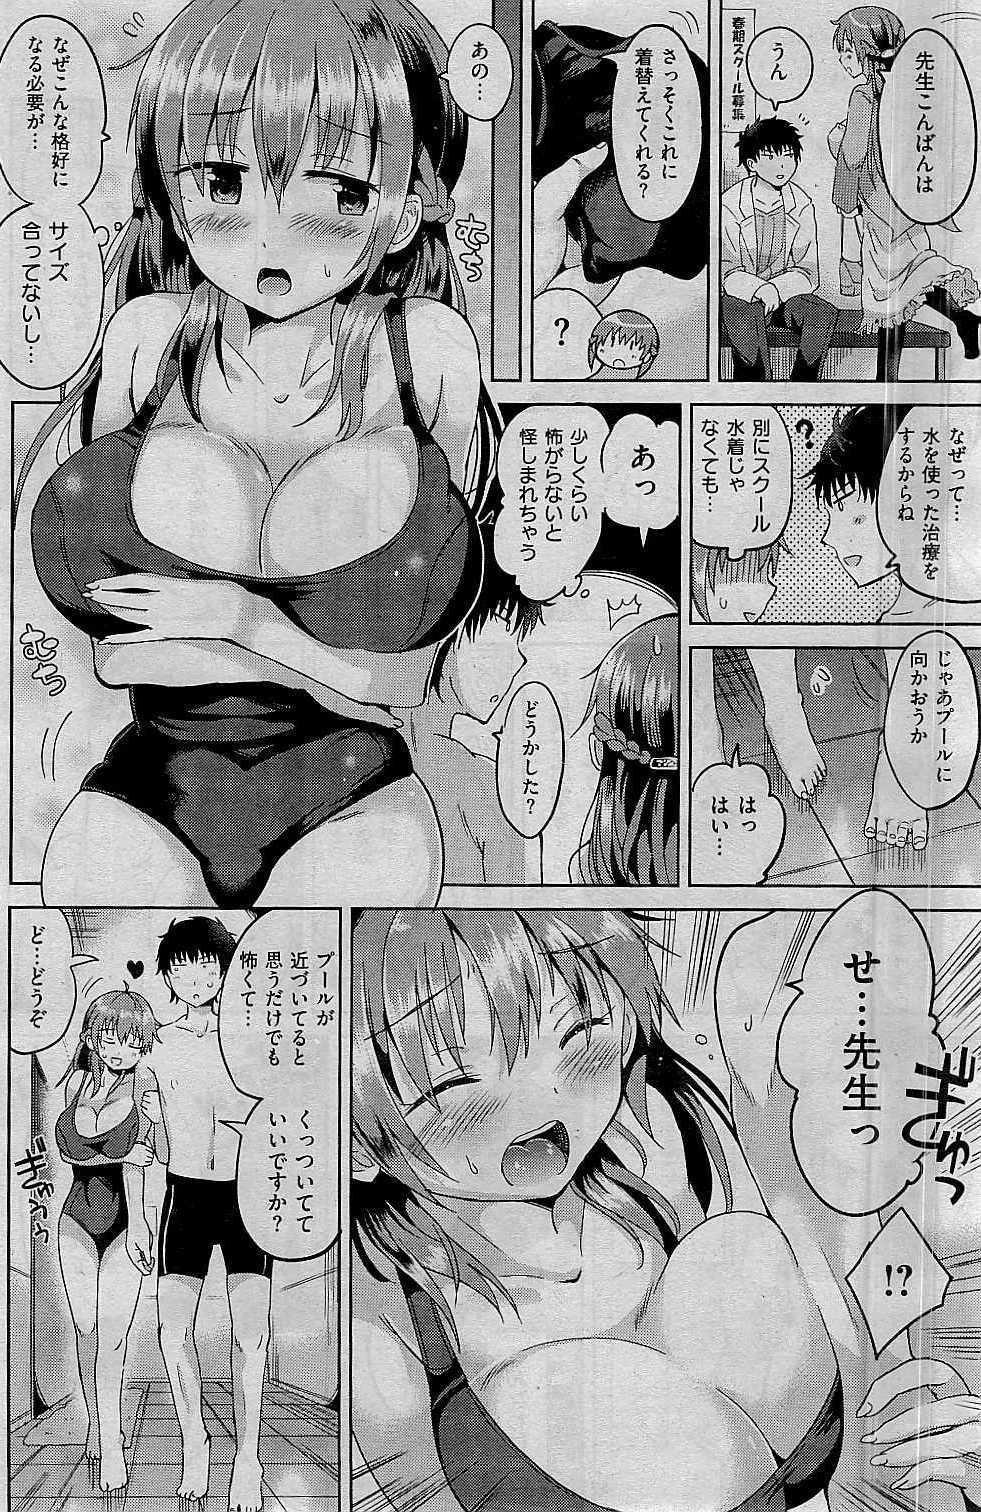 COMIC Kairakuten BEAST 2015-01 177